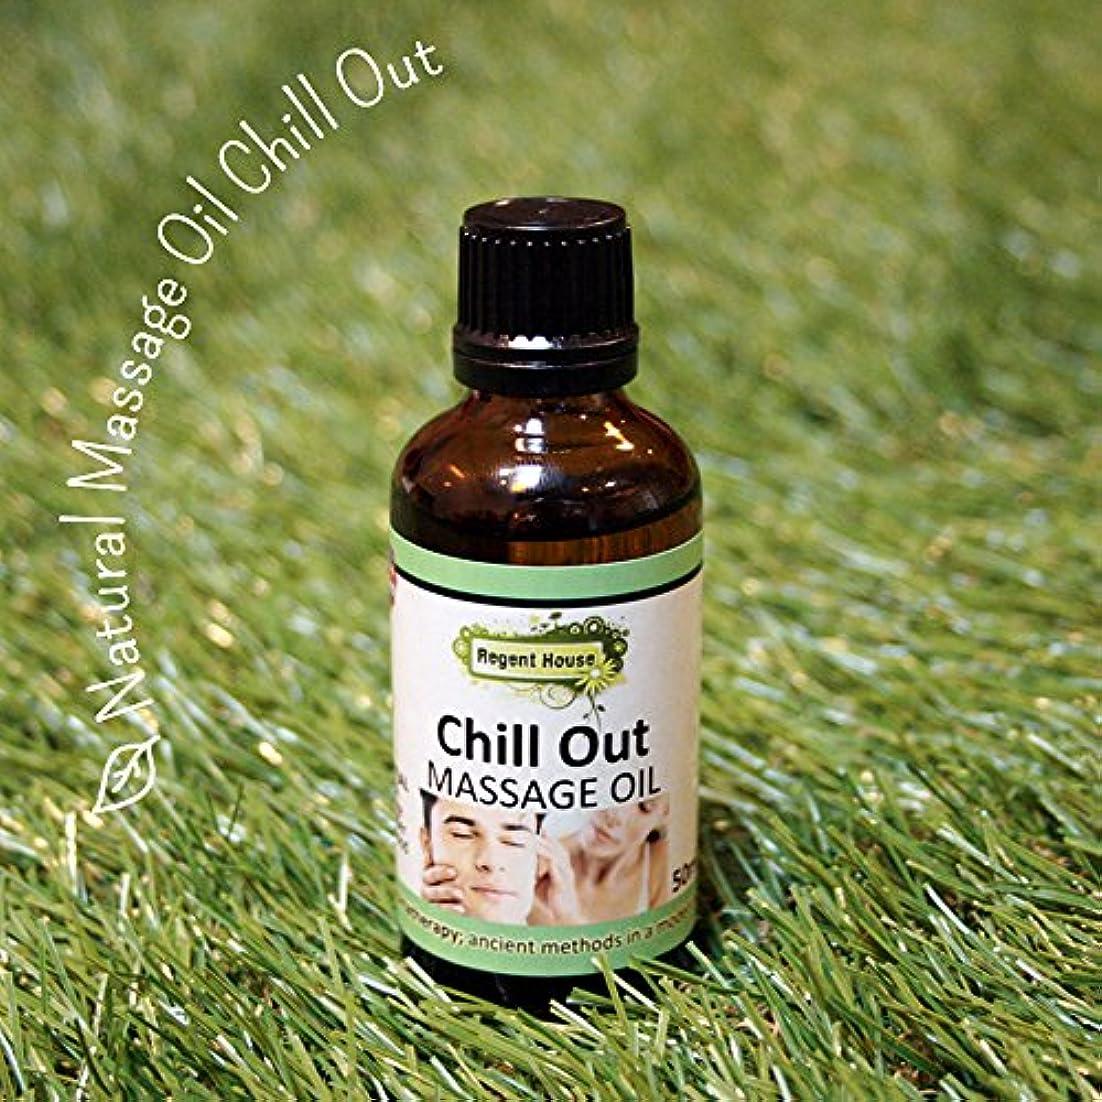 コンテンポラリー論理的にバイナリ貴重なローズウッドを、たっぷり配合しました。 アロマ ナチュラル マッサージオイル 50ml チルアウト(Aroma Massage Oil Chill Out)